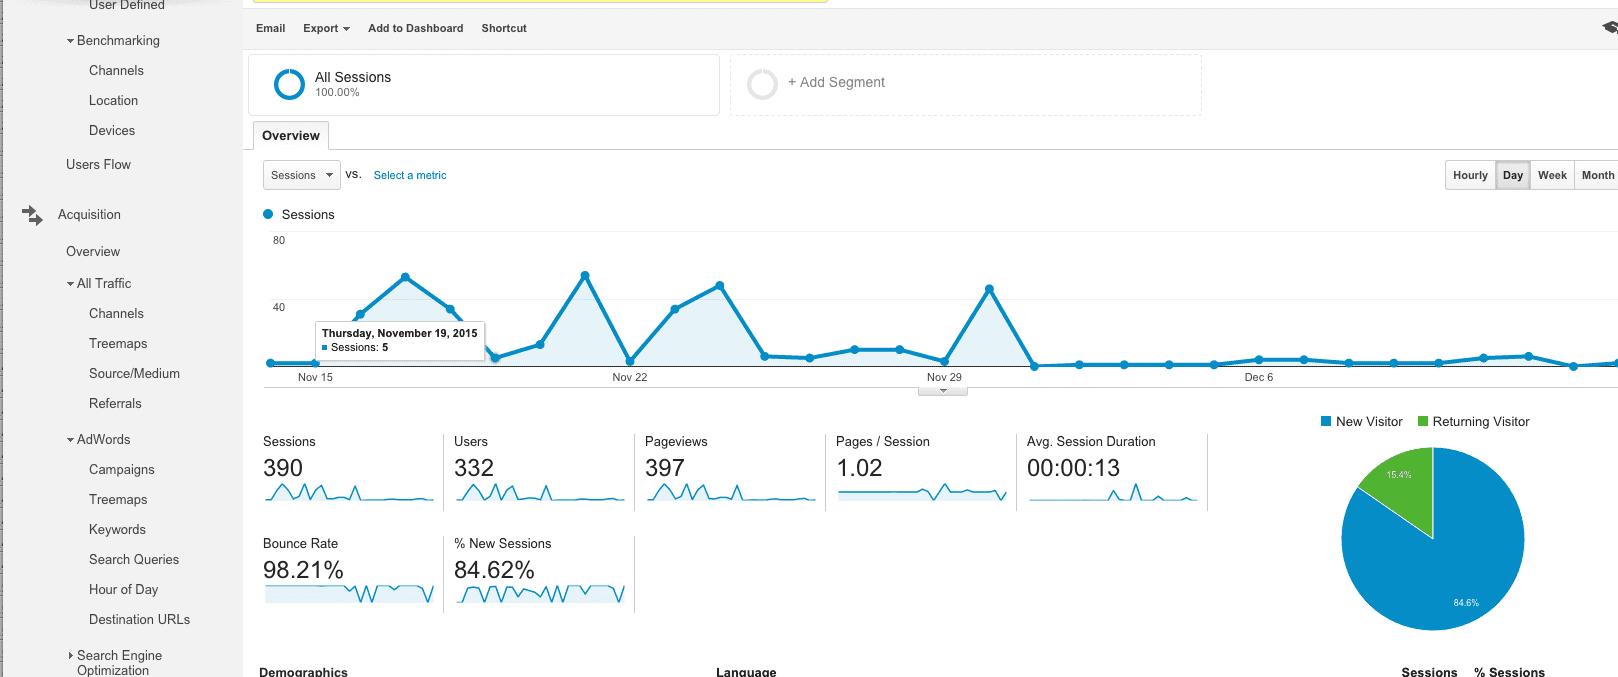 Screen Shot 2015-12-15 at 8.51.25 AM